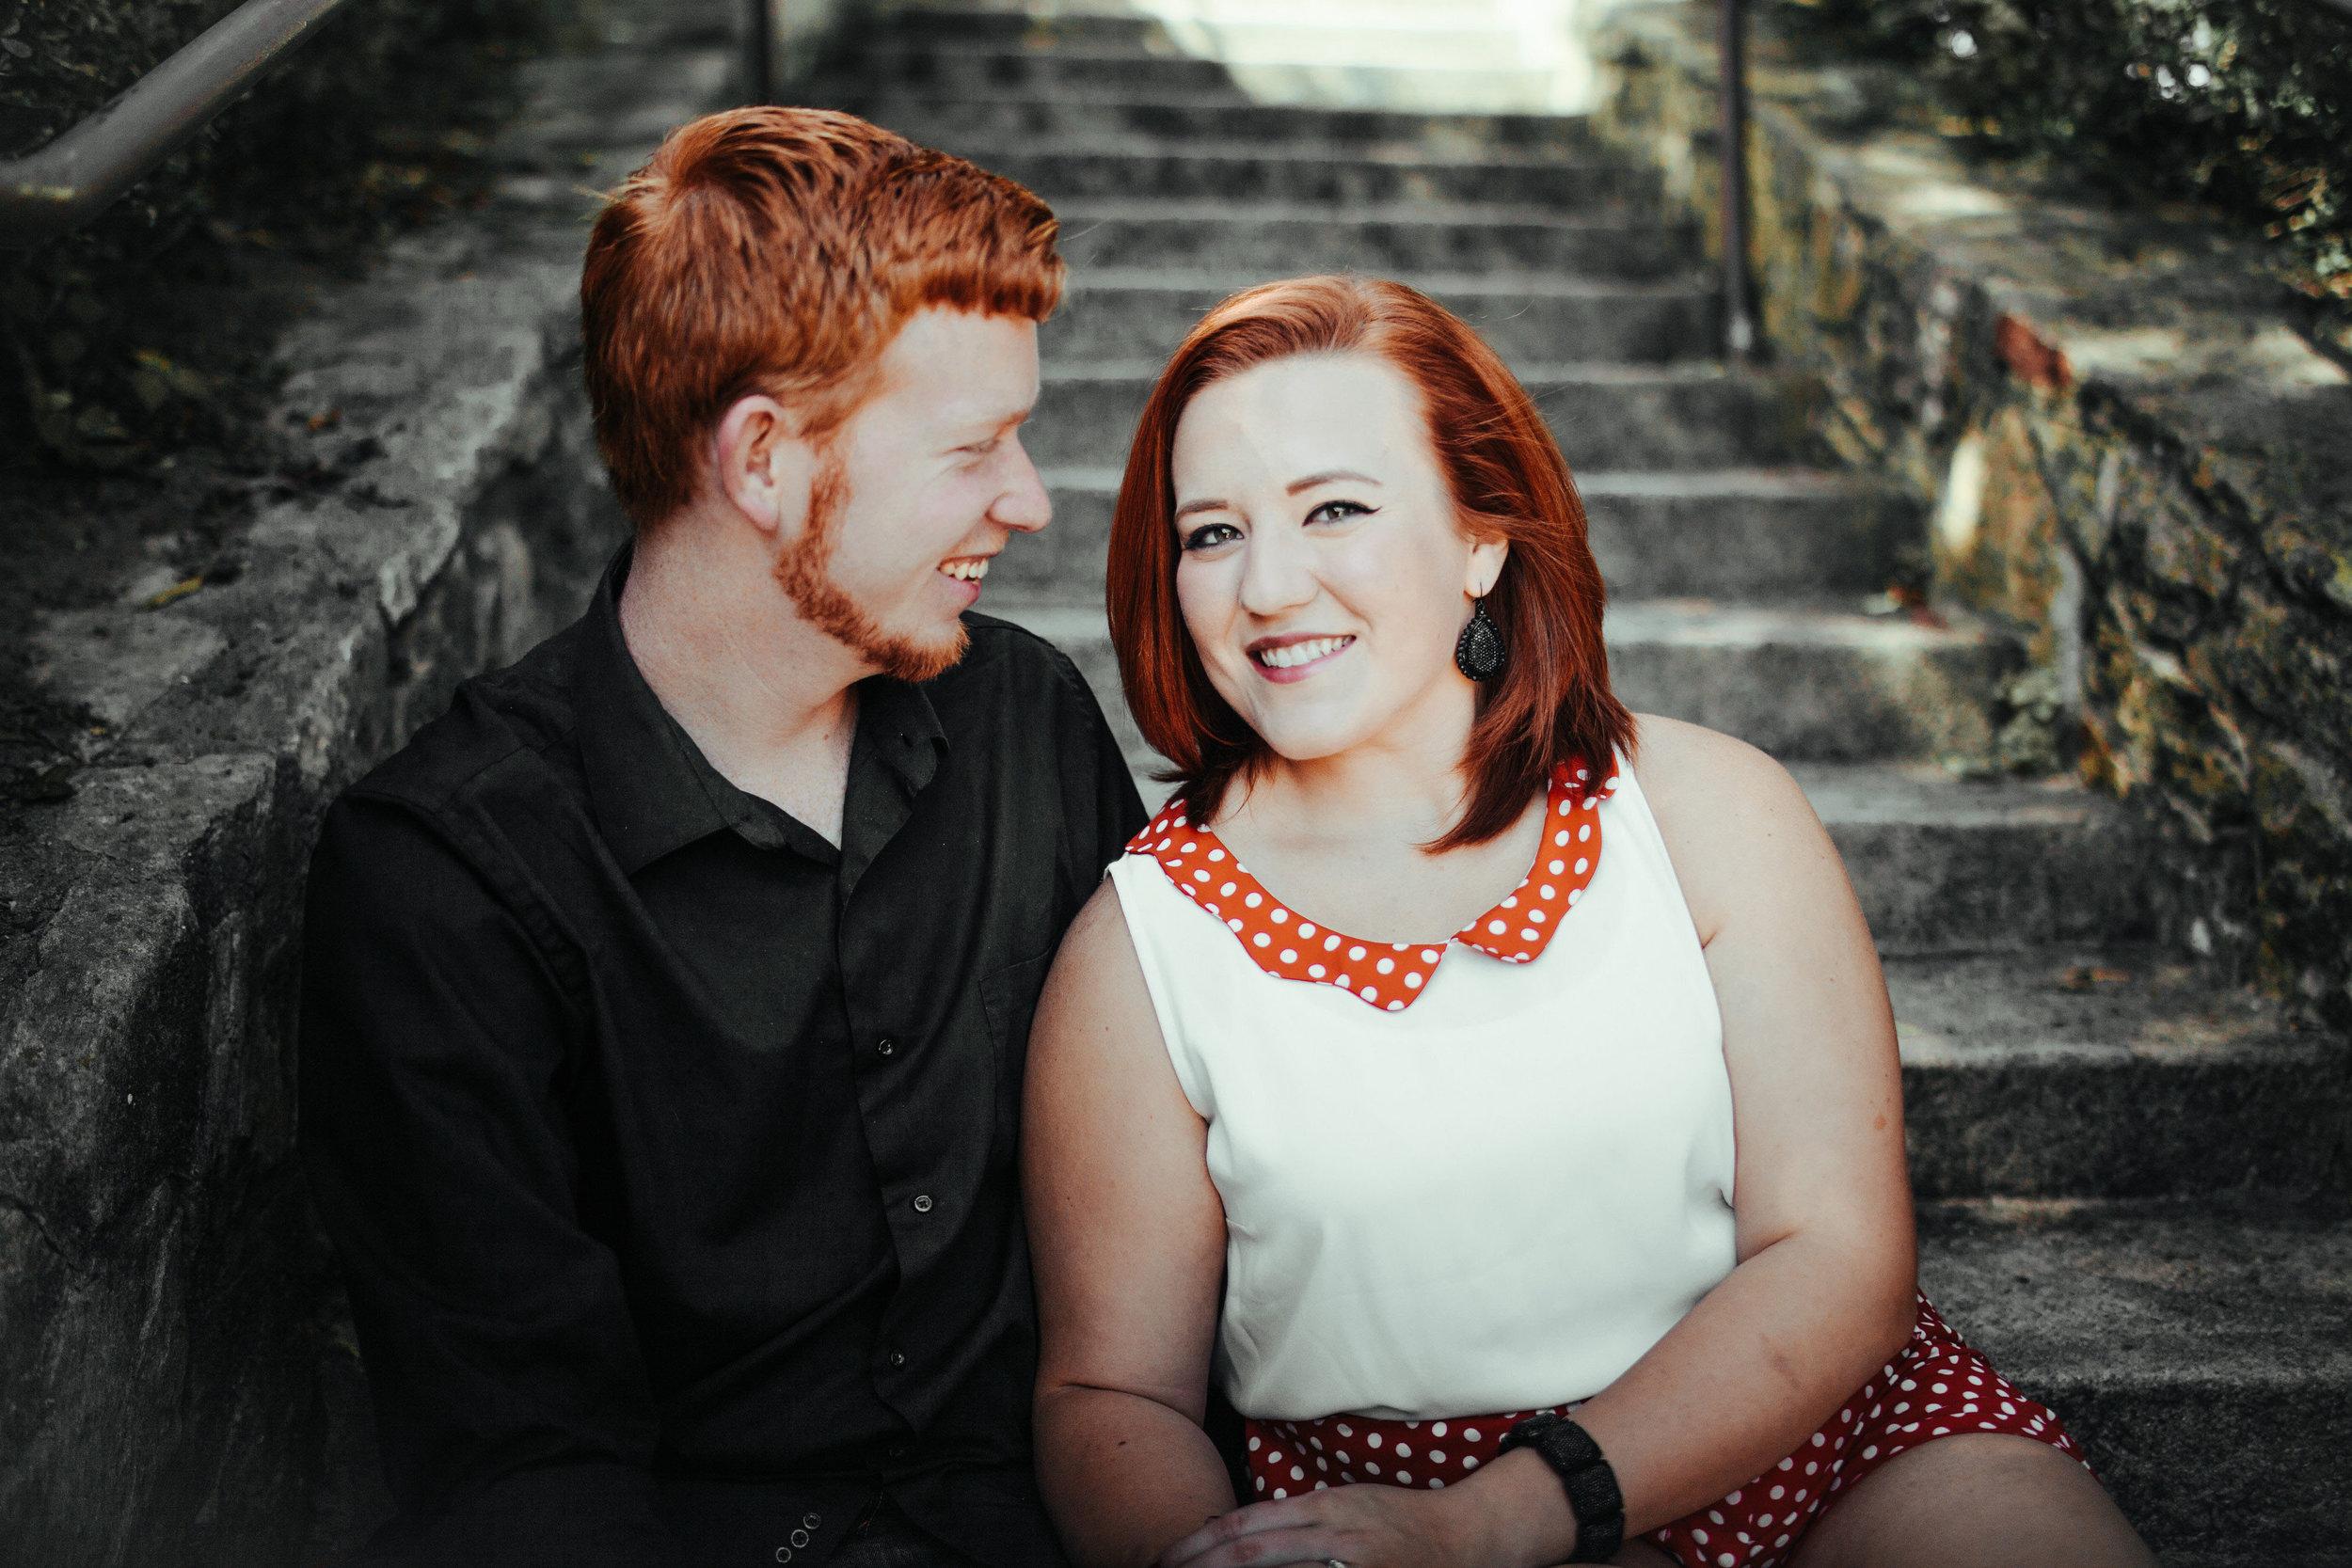 SHSU Engagement Photos - Madeleine Frost Wedding Photographer-9900.jpg